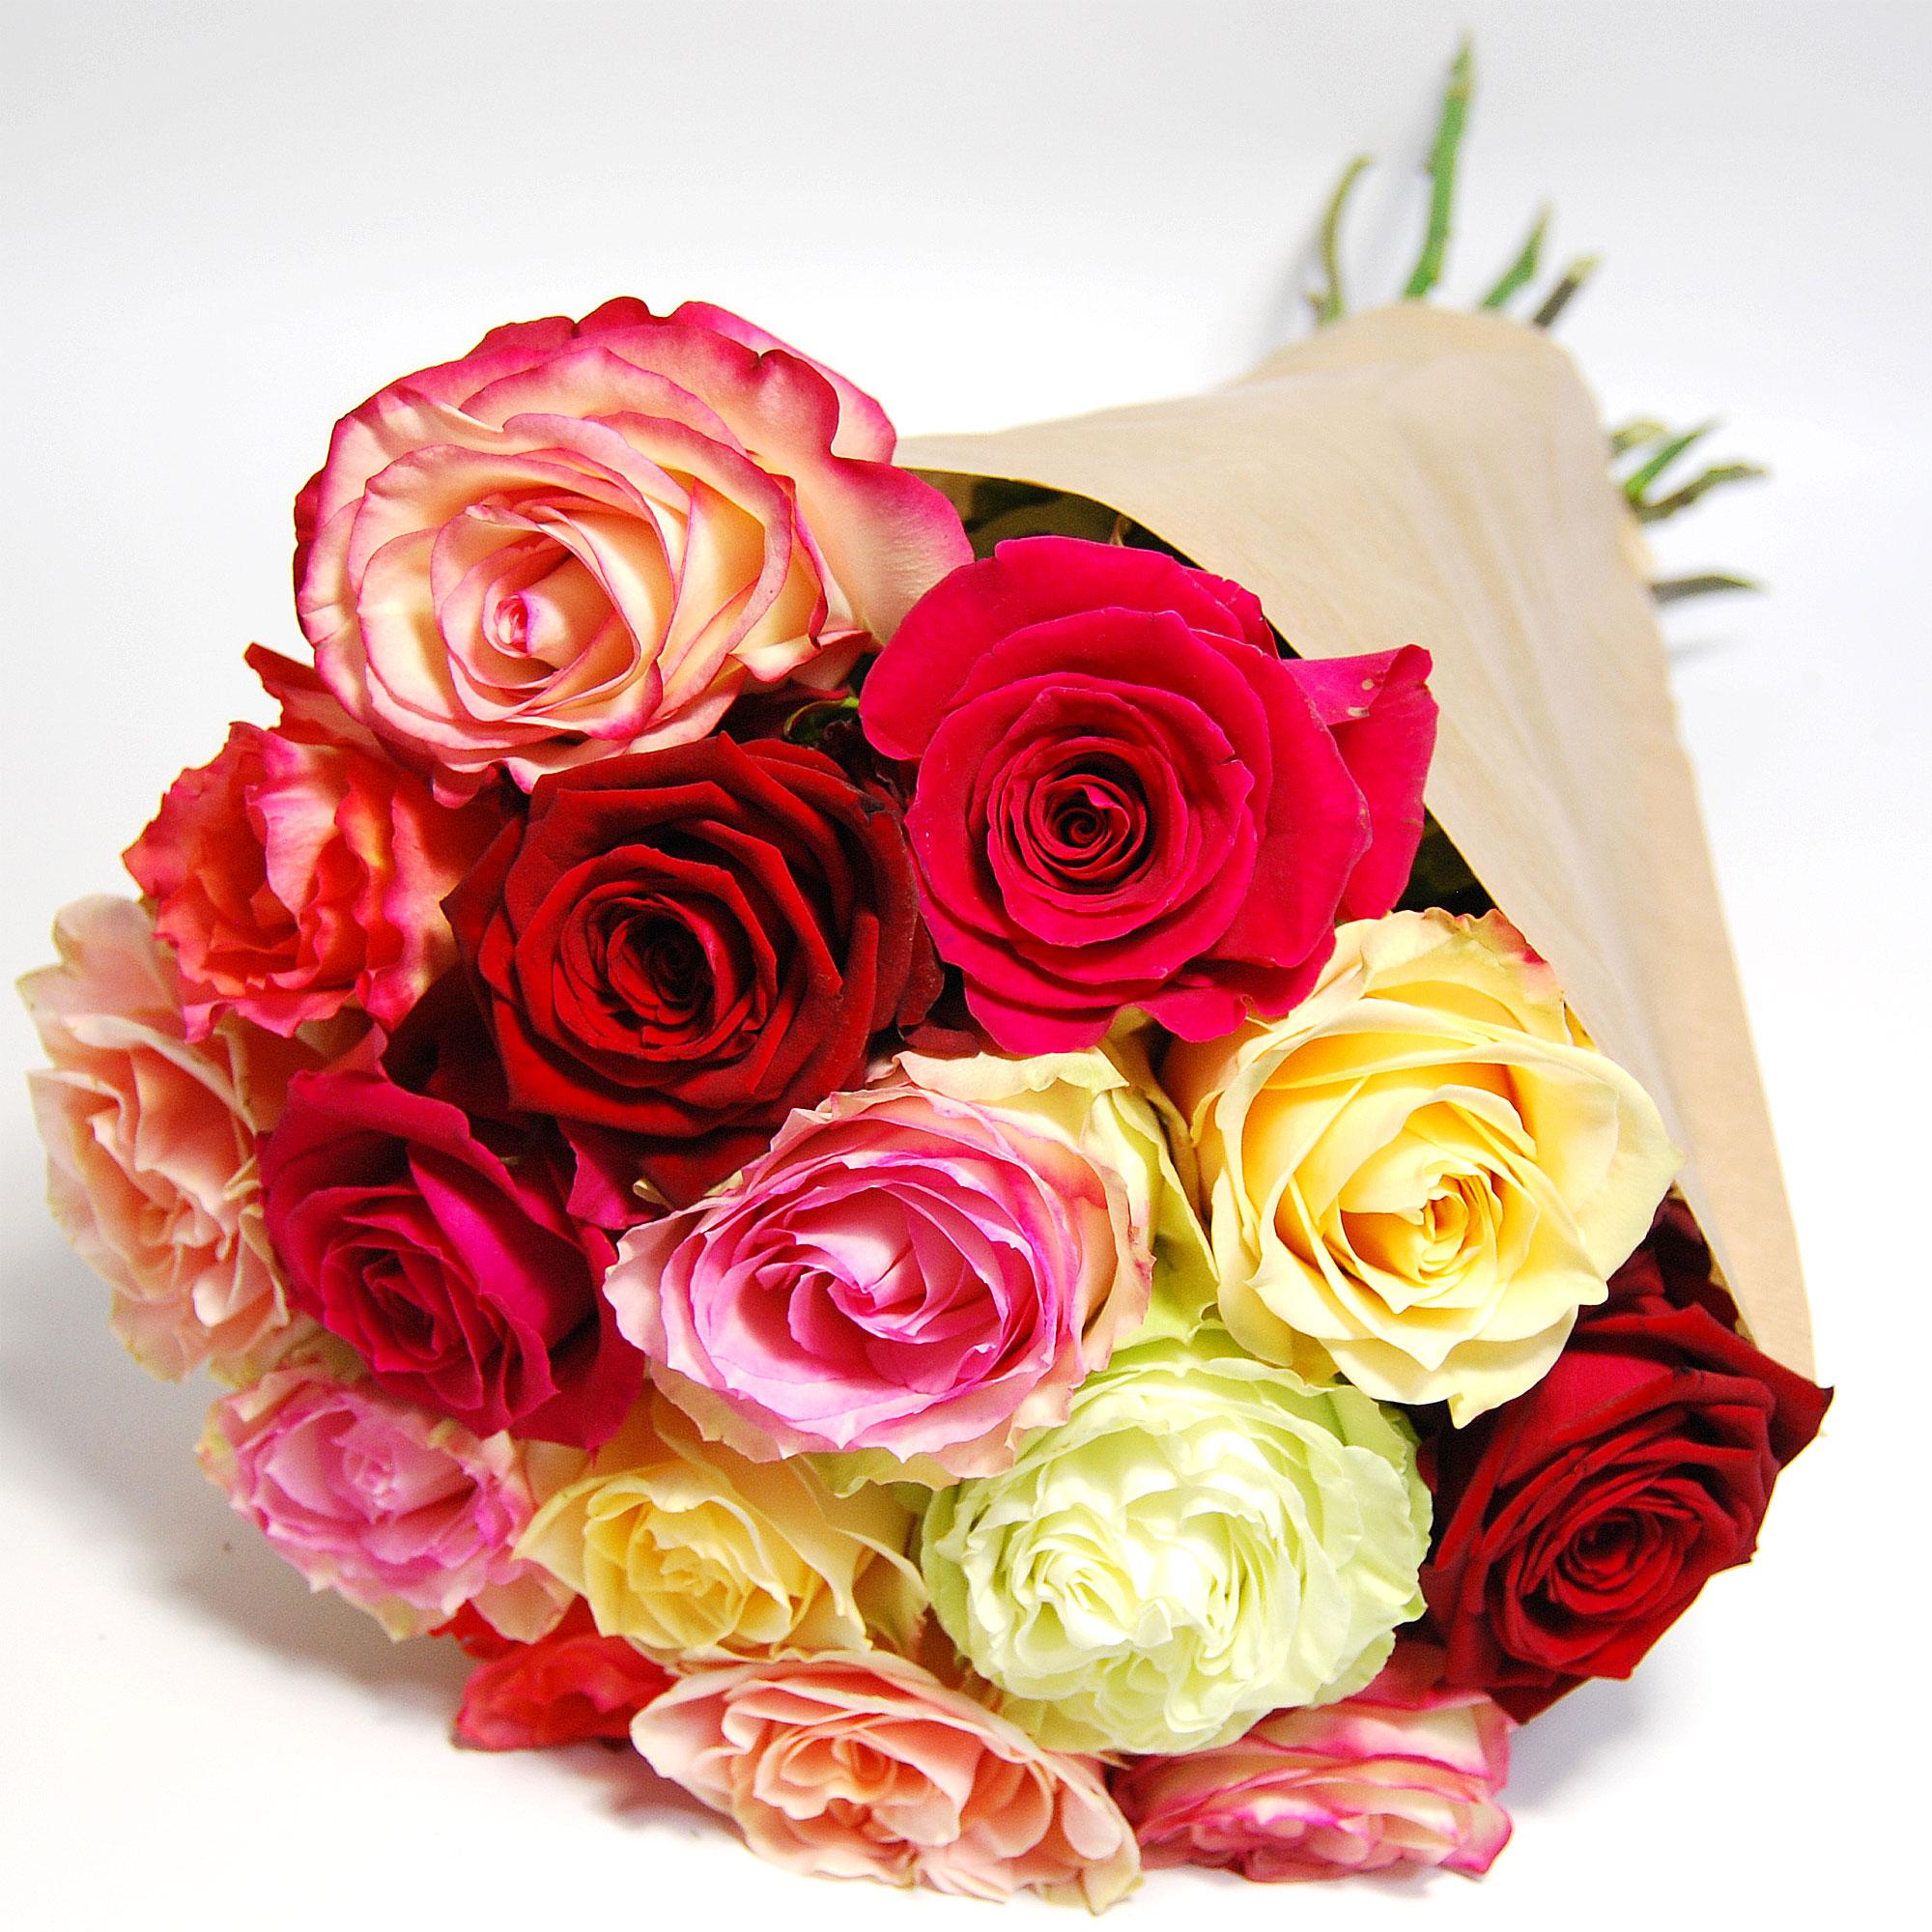 Blumenstrauss Rosenstrauß Rosen im Mix